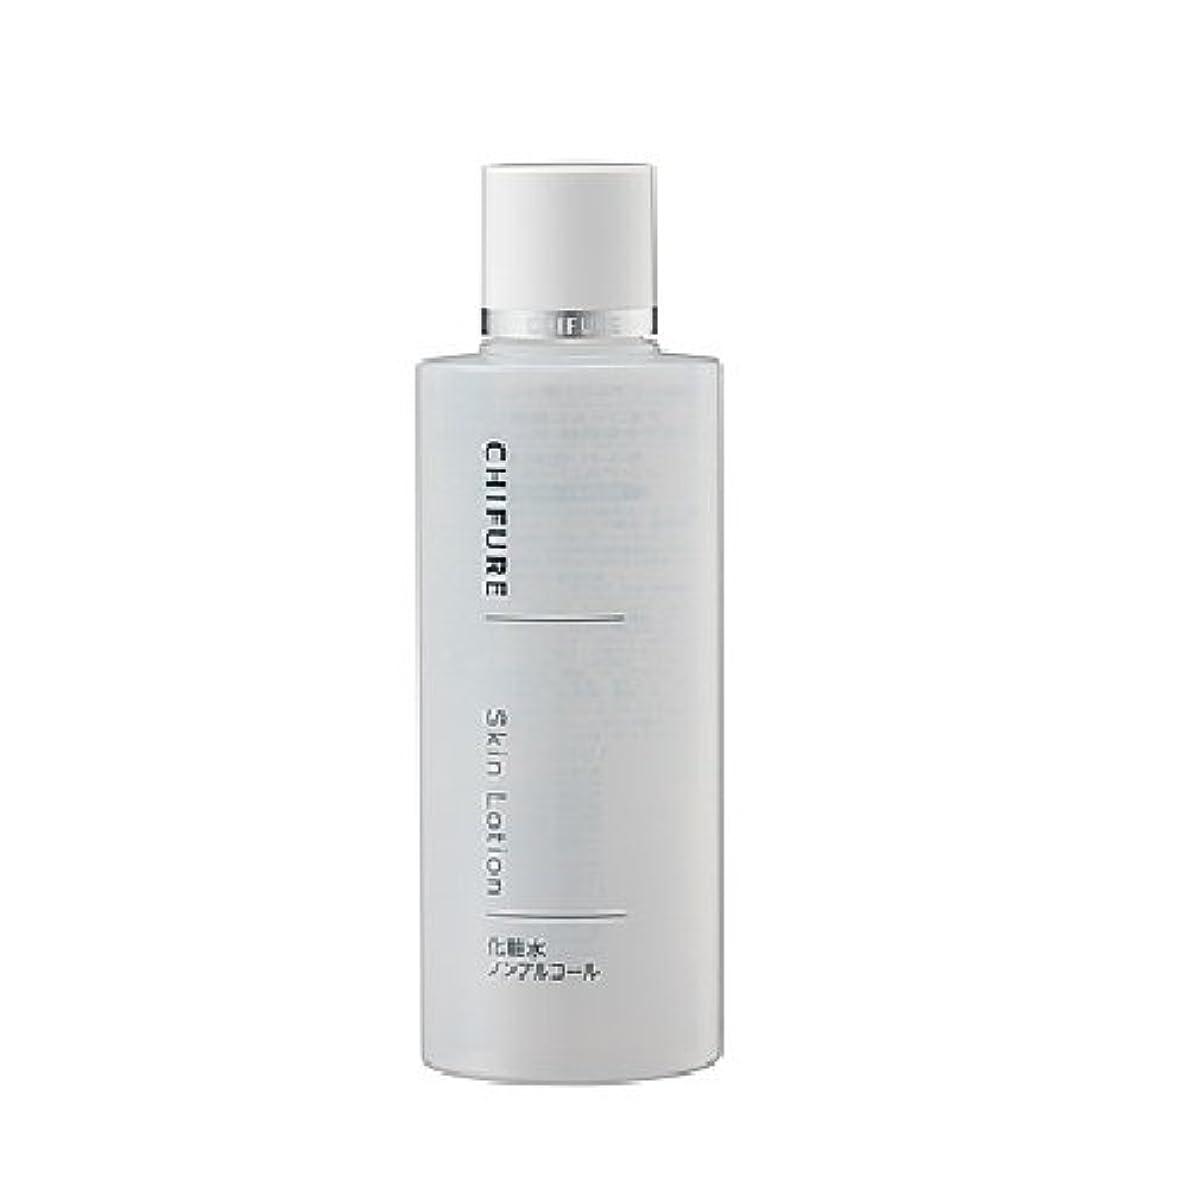 チャーター意見定説ちふれ化粧品 化粧水 ノンアルコールタイプ 180ML